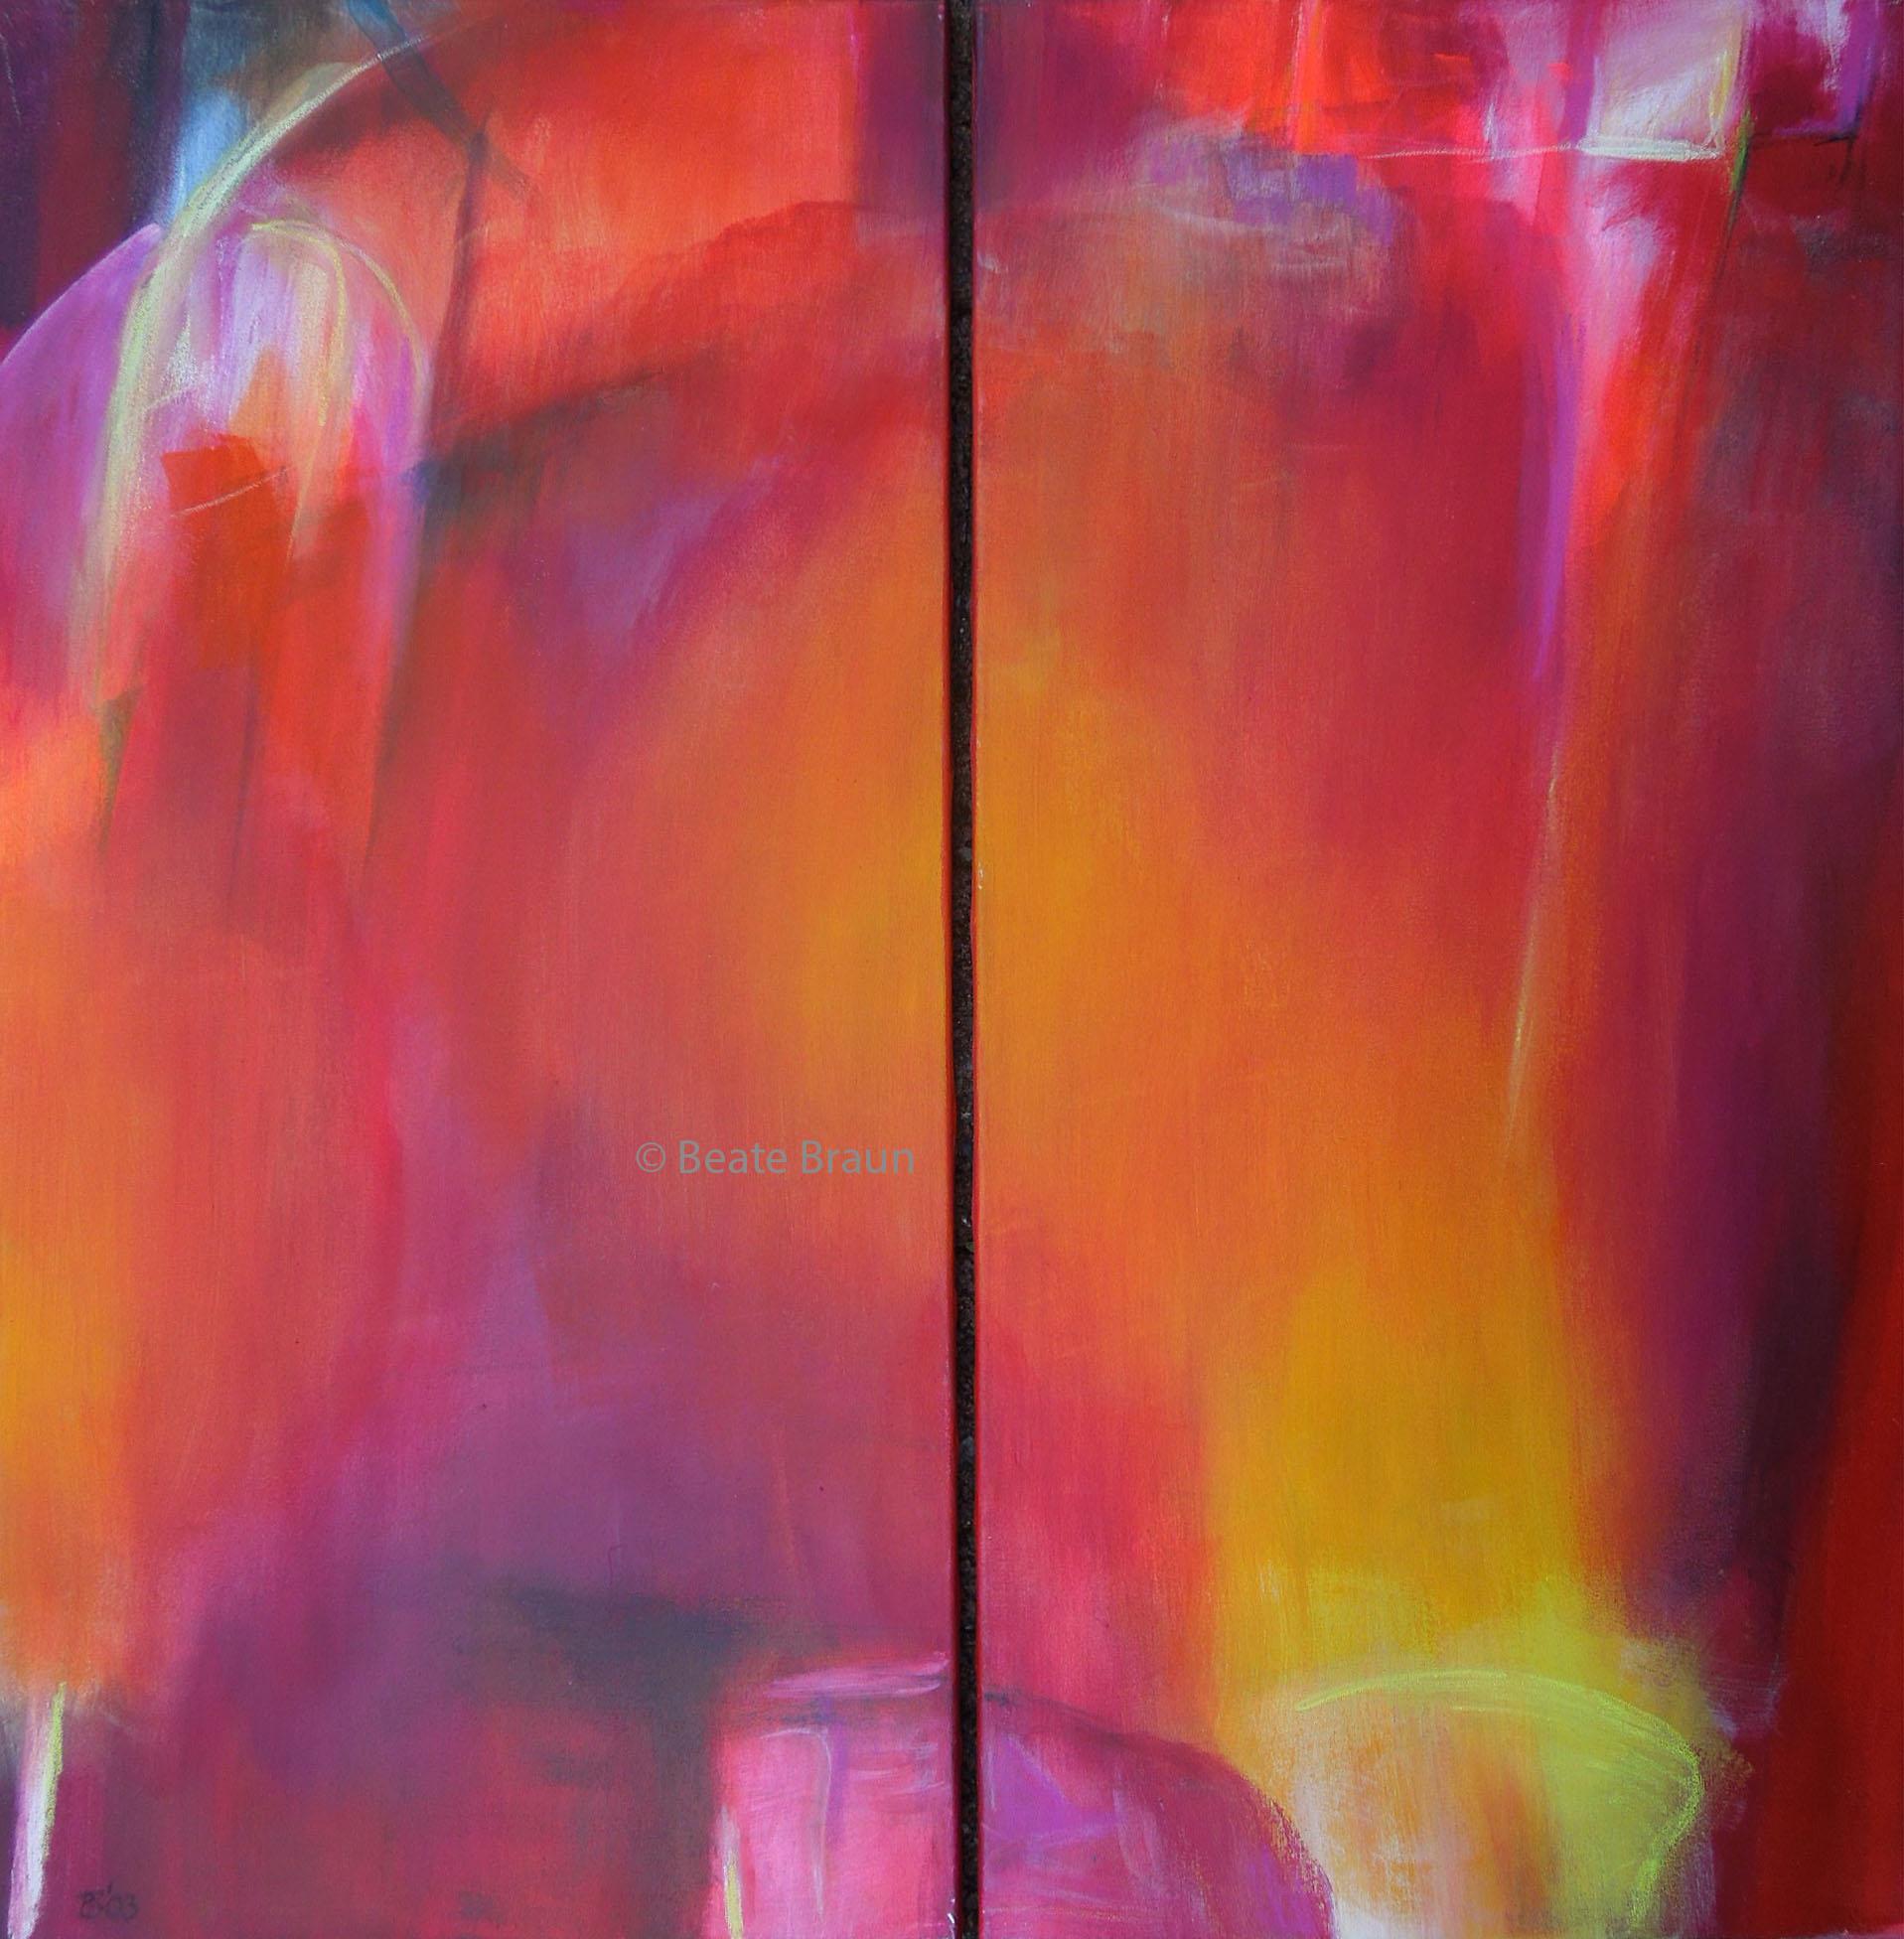 der rote Strahl Dyptichon | jeweils 50 x 100 cm | Acryl auf Leinwand | 2003